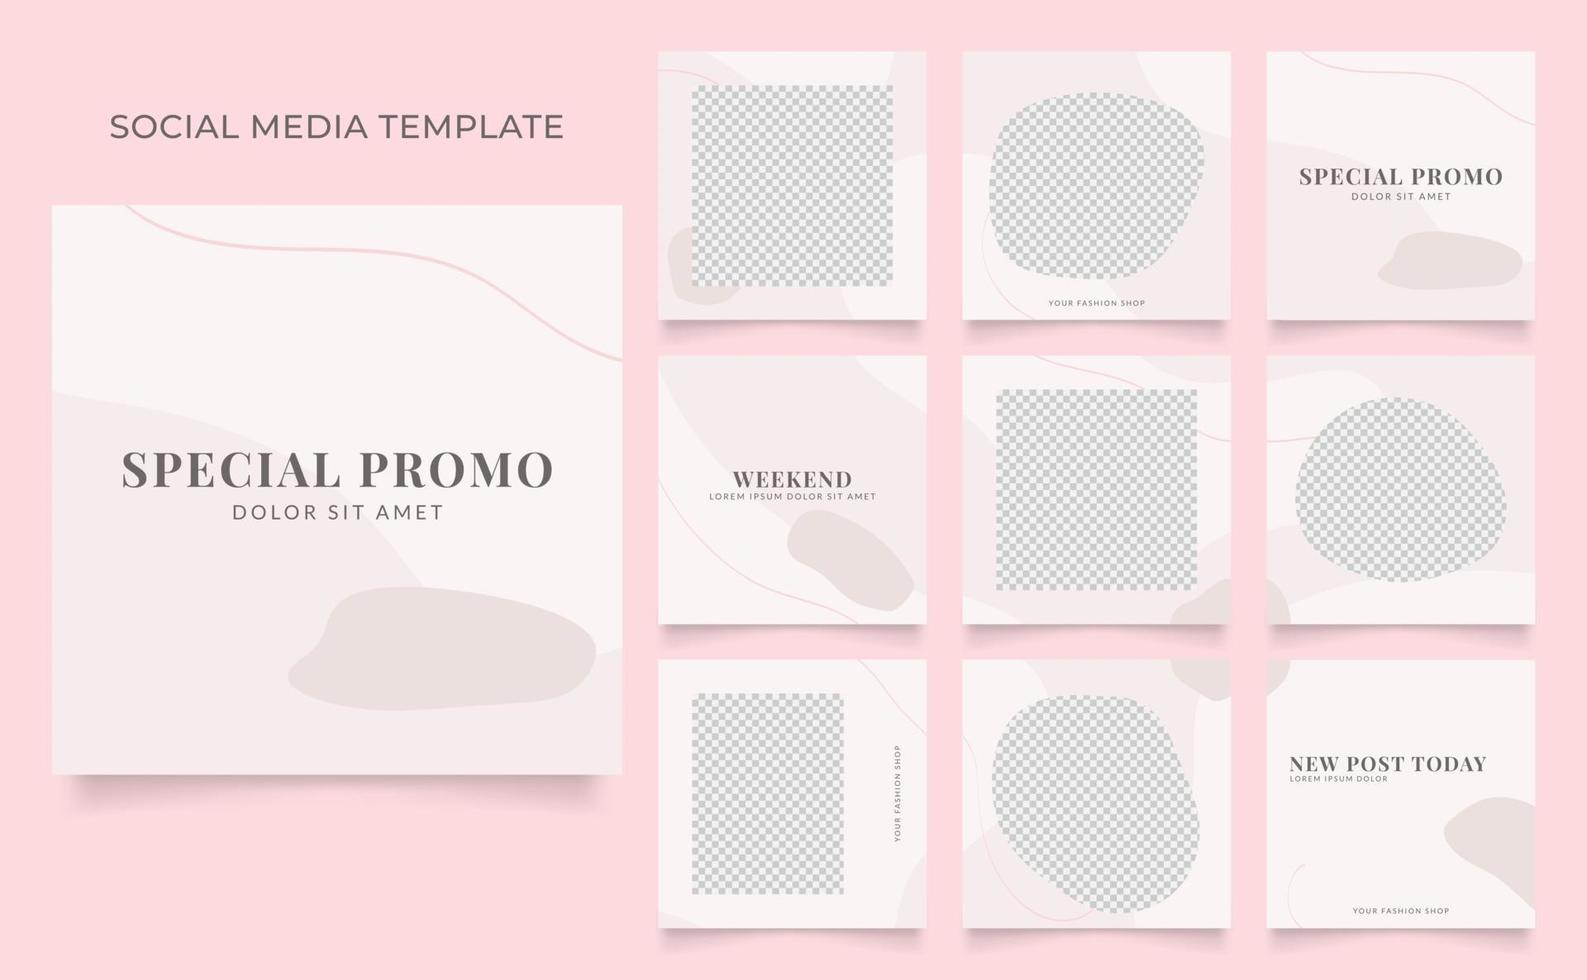 Social Media Vorlage Banner Blog Mode Verkauf Förderung. voll editierbares quadratisches Pfostenrahmen-Puzzle-Bio-Verkaufsplakat. rosa roter weißer Vektorhintergrund vektor